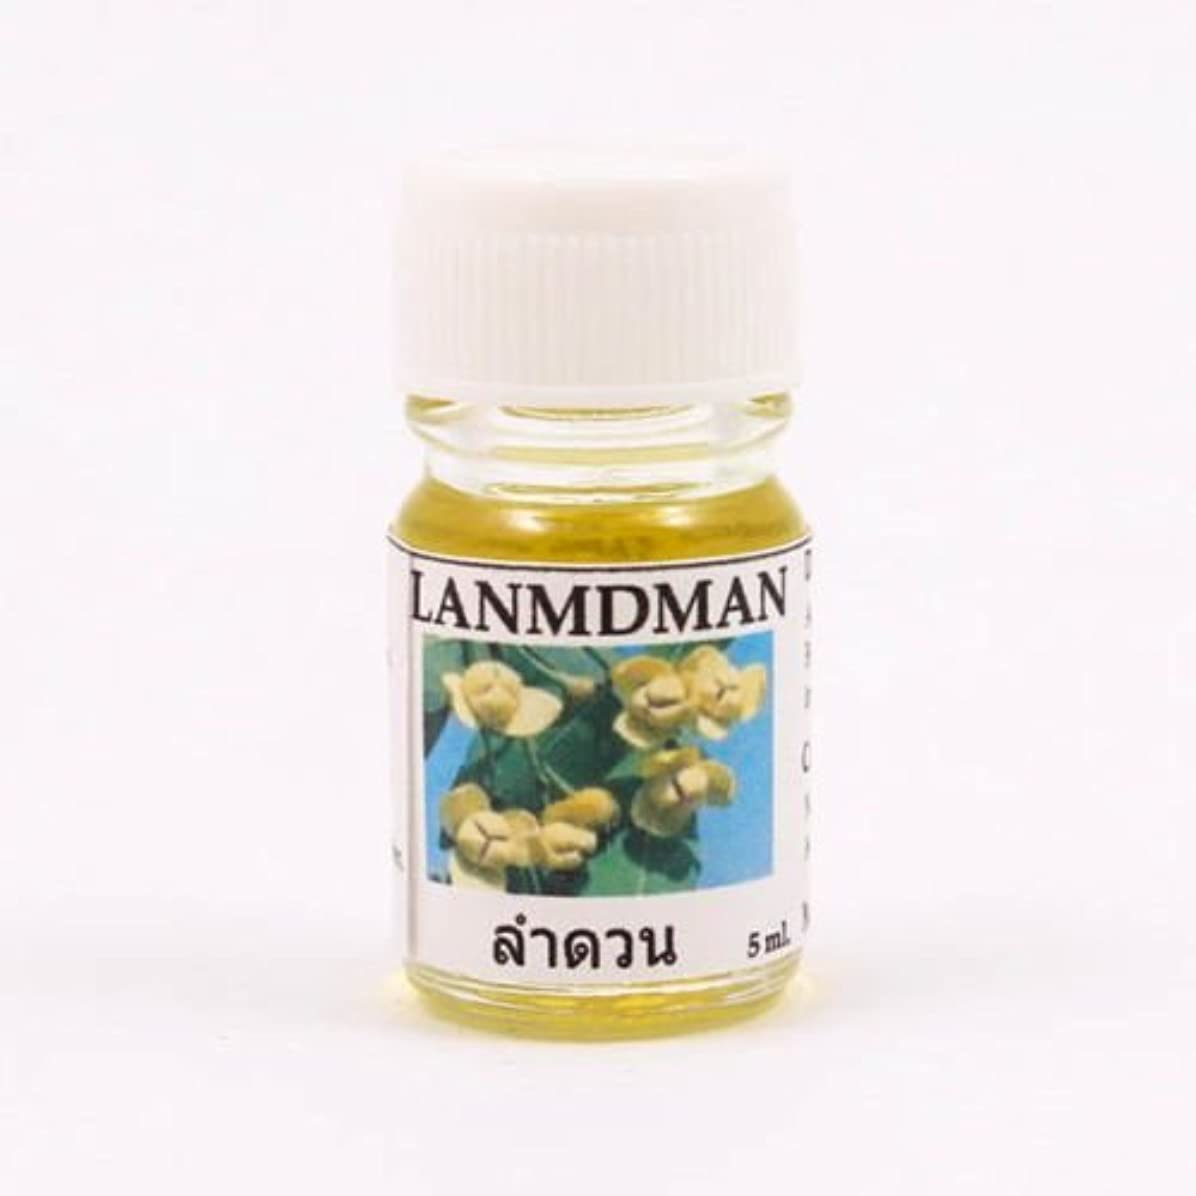 思われる失われた教6X Lanmdman Aroma Fragrance Essential Oil 5ML. cc Diffuser Burner Therapy